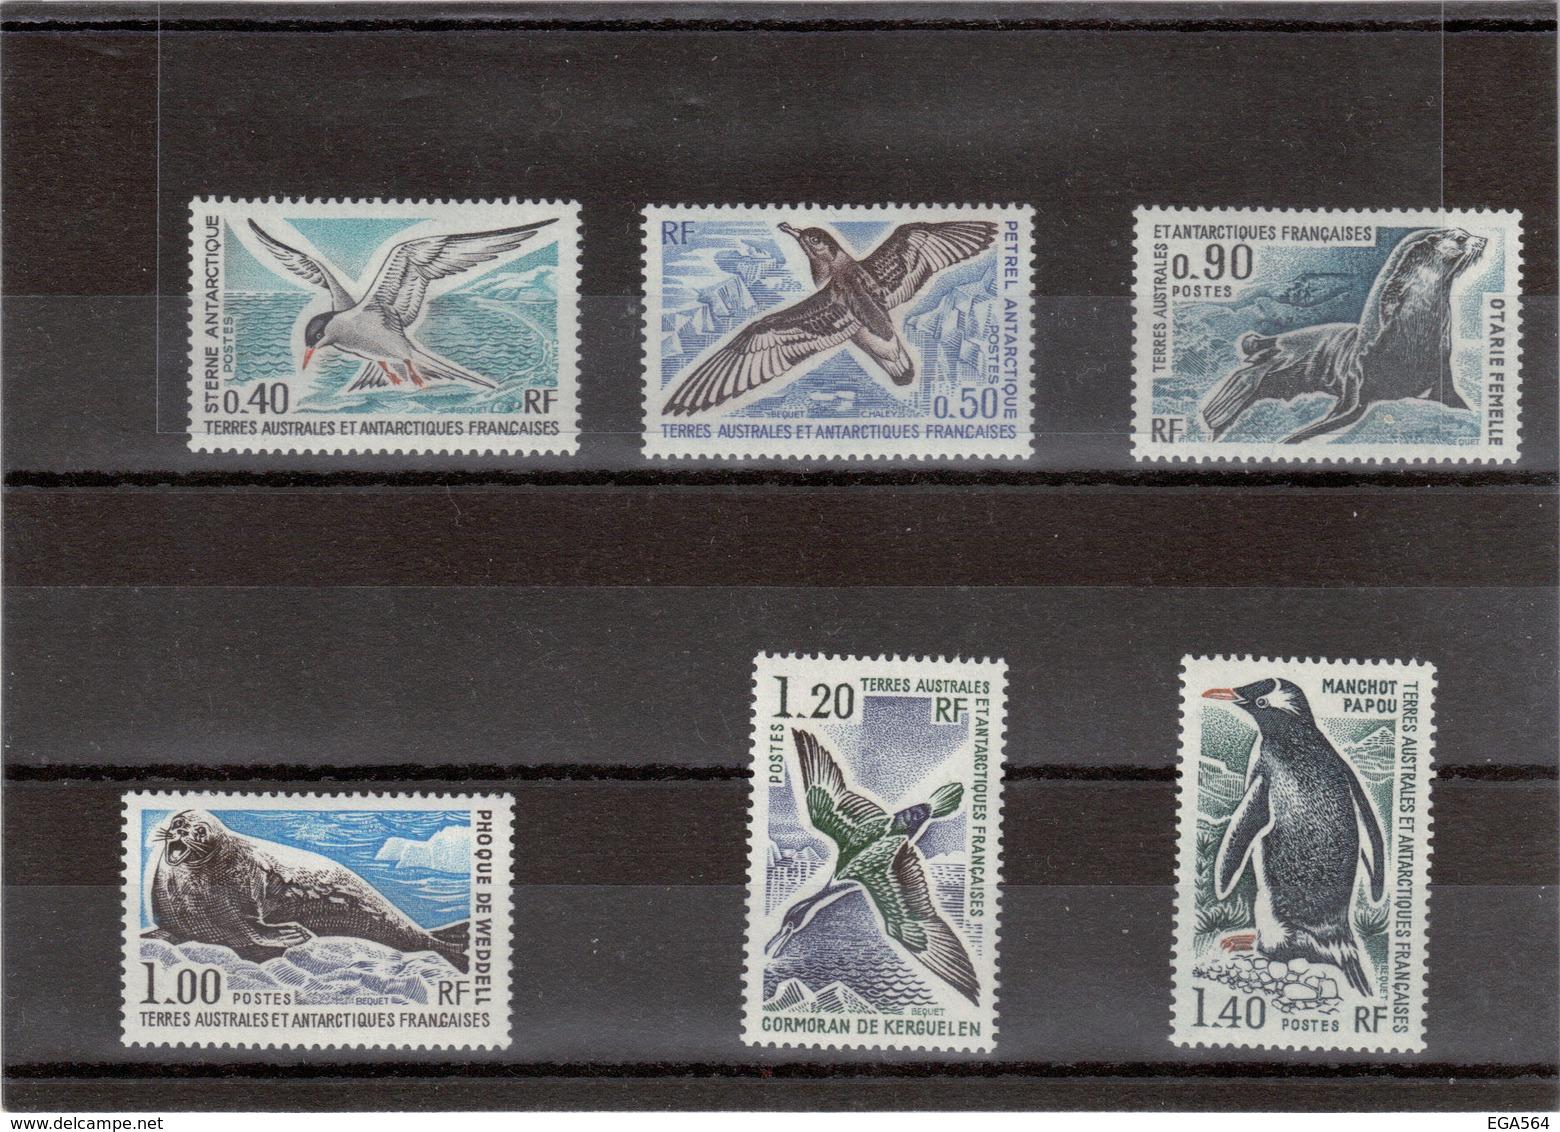 V16 - TAAF - PO55/60 ** MNH De 1976 - Faune Antarctique  - OISEAUX Et MAMMIFERES MARINS - Cote 80,00 - Terres Australes Et Antarctiques Françaises (TAAF)